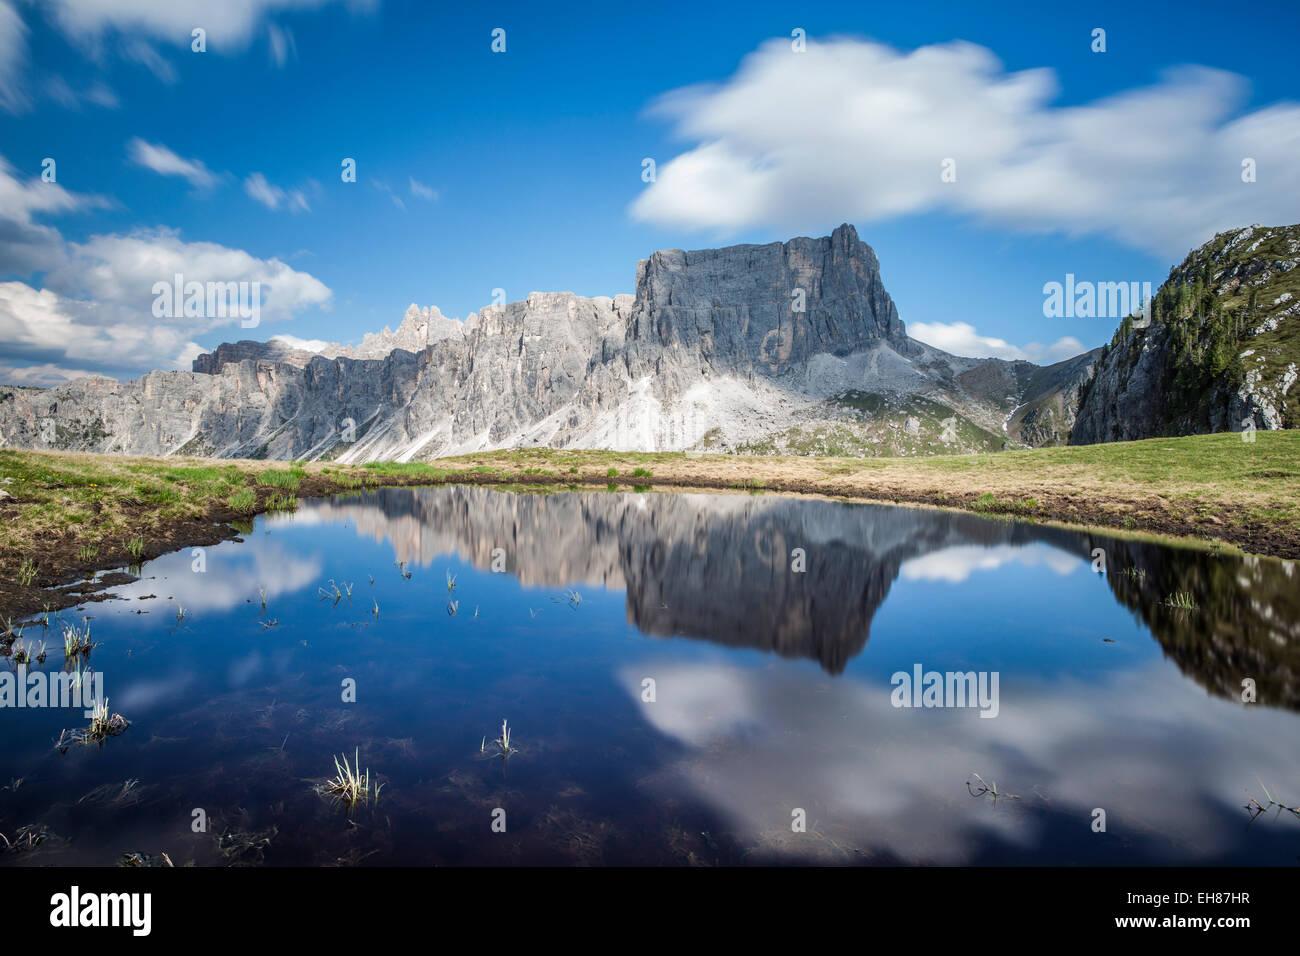 Il Lastoni de Formin riflettendo nel lago al Passo Giau, Dolomiti ampezzane, Cadore, Veneto, Italia, Europa Immagini Stock